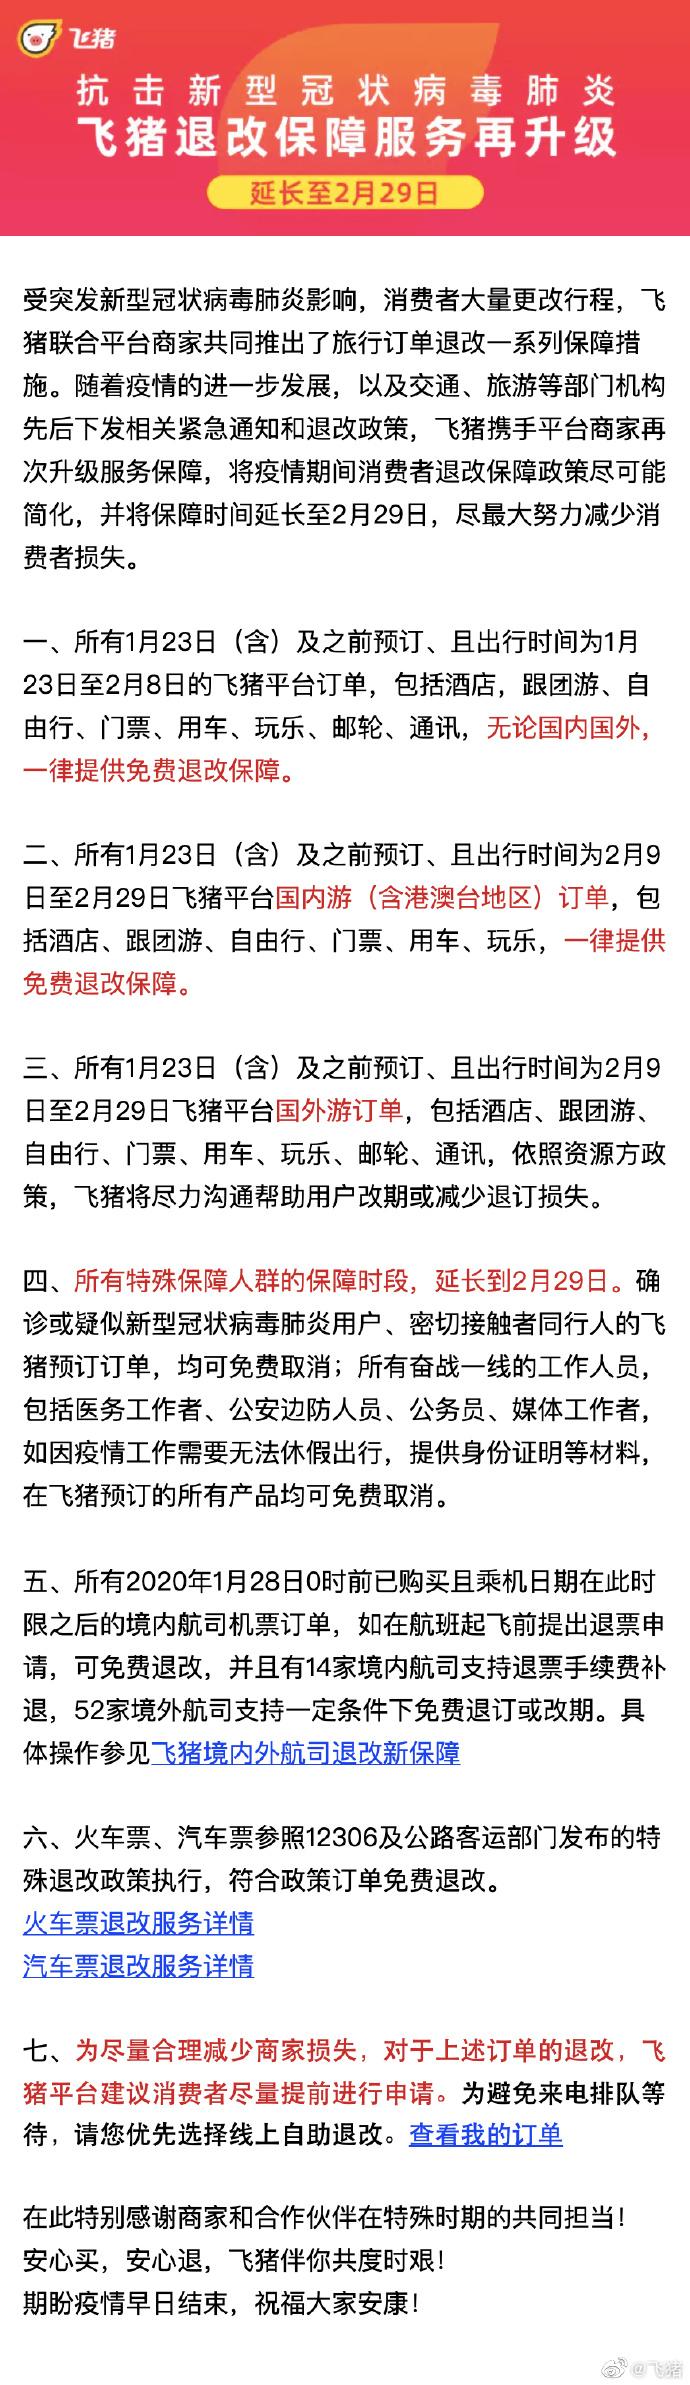 飞猪升级服务保障,旅游退改保障延长至2月29日